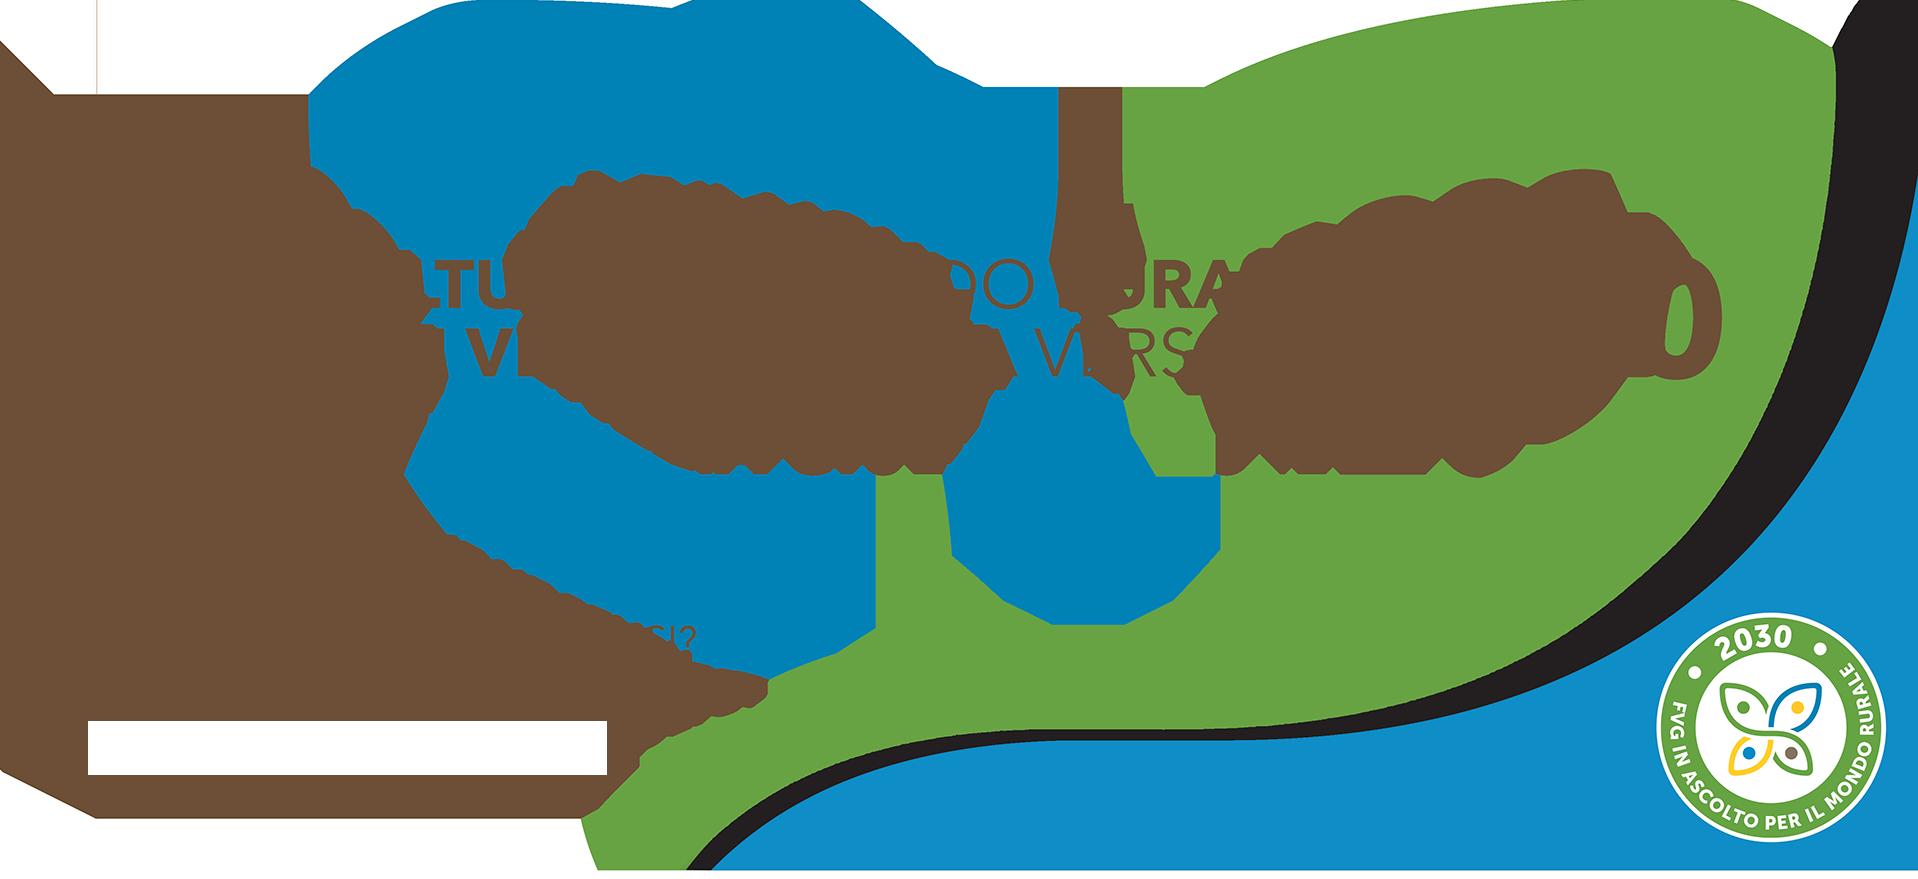 L'agricoltura e il mondo rurale del Friuli Venezia Giulia verso il 2030